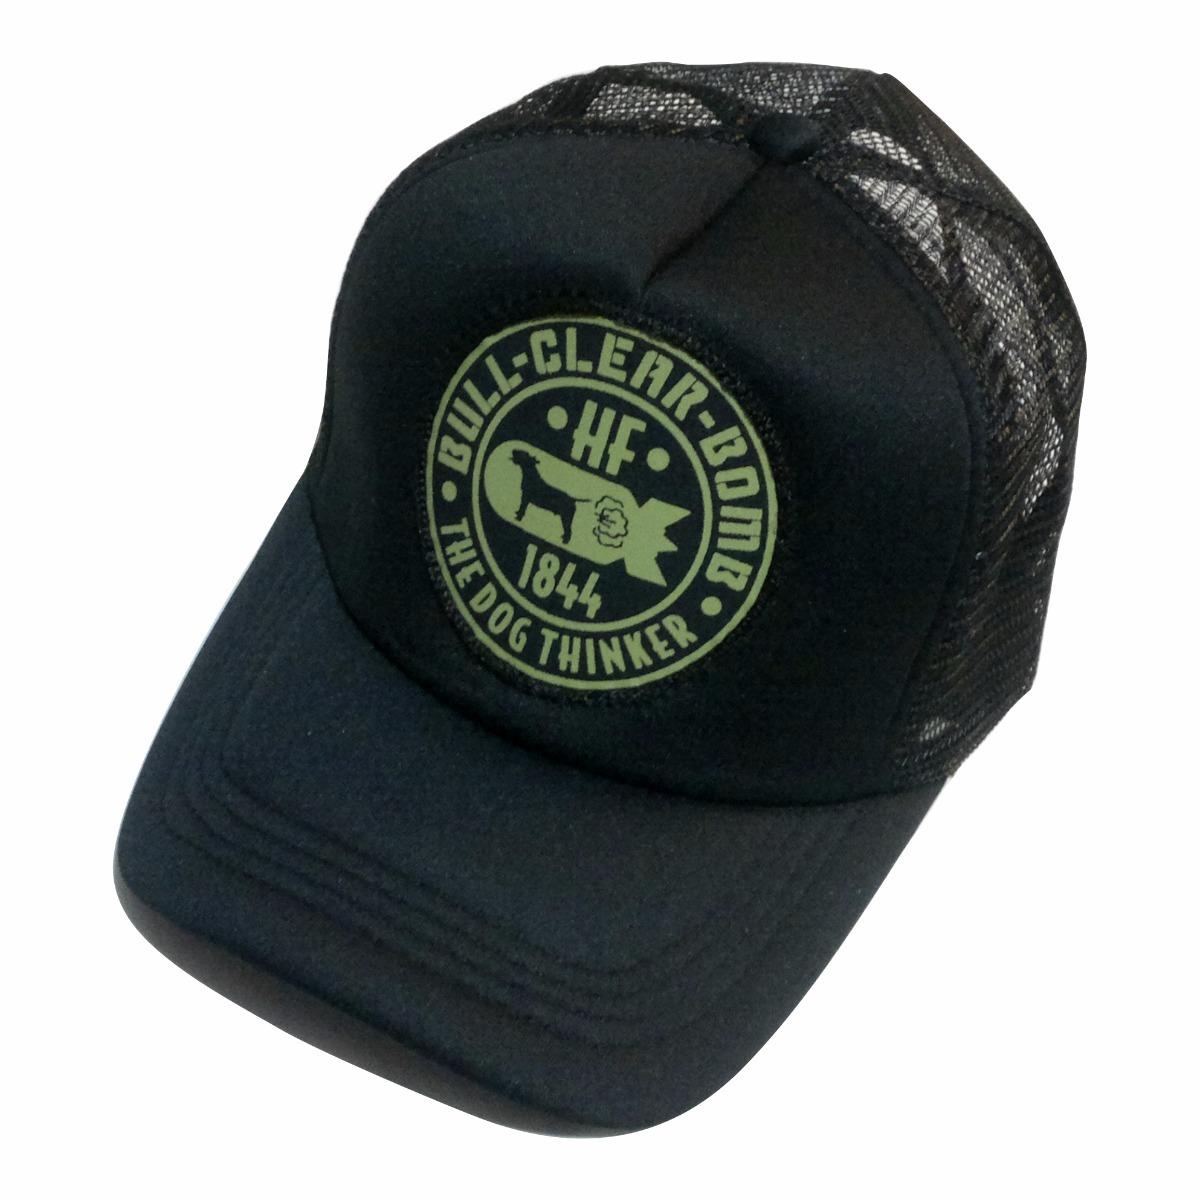 Gorras Trucker Hf ® Bull Clear Negro En Stock Originales!! -   299 ... f3e9f802387